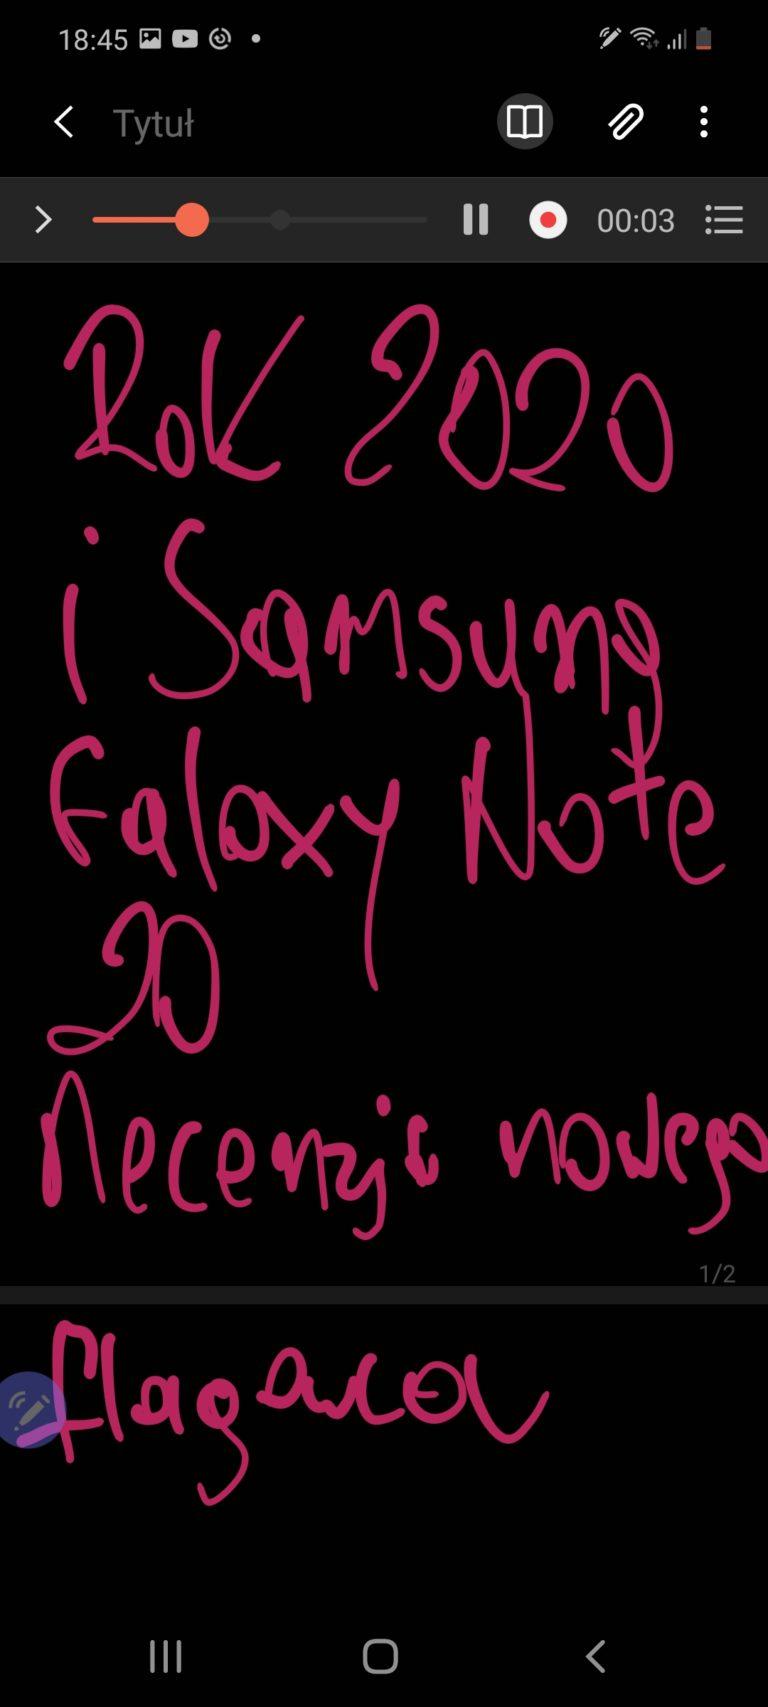 galaxy note 20 notatka nagranie